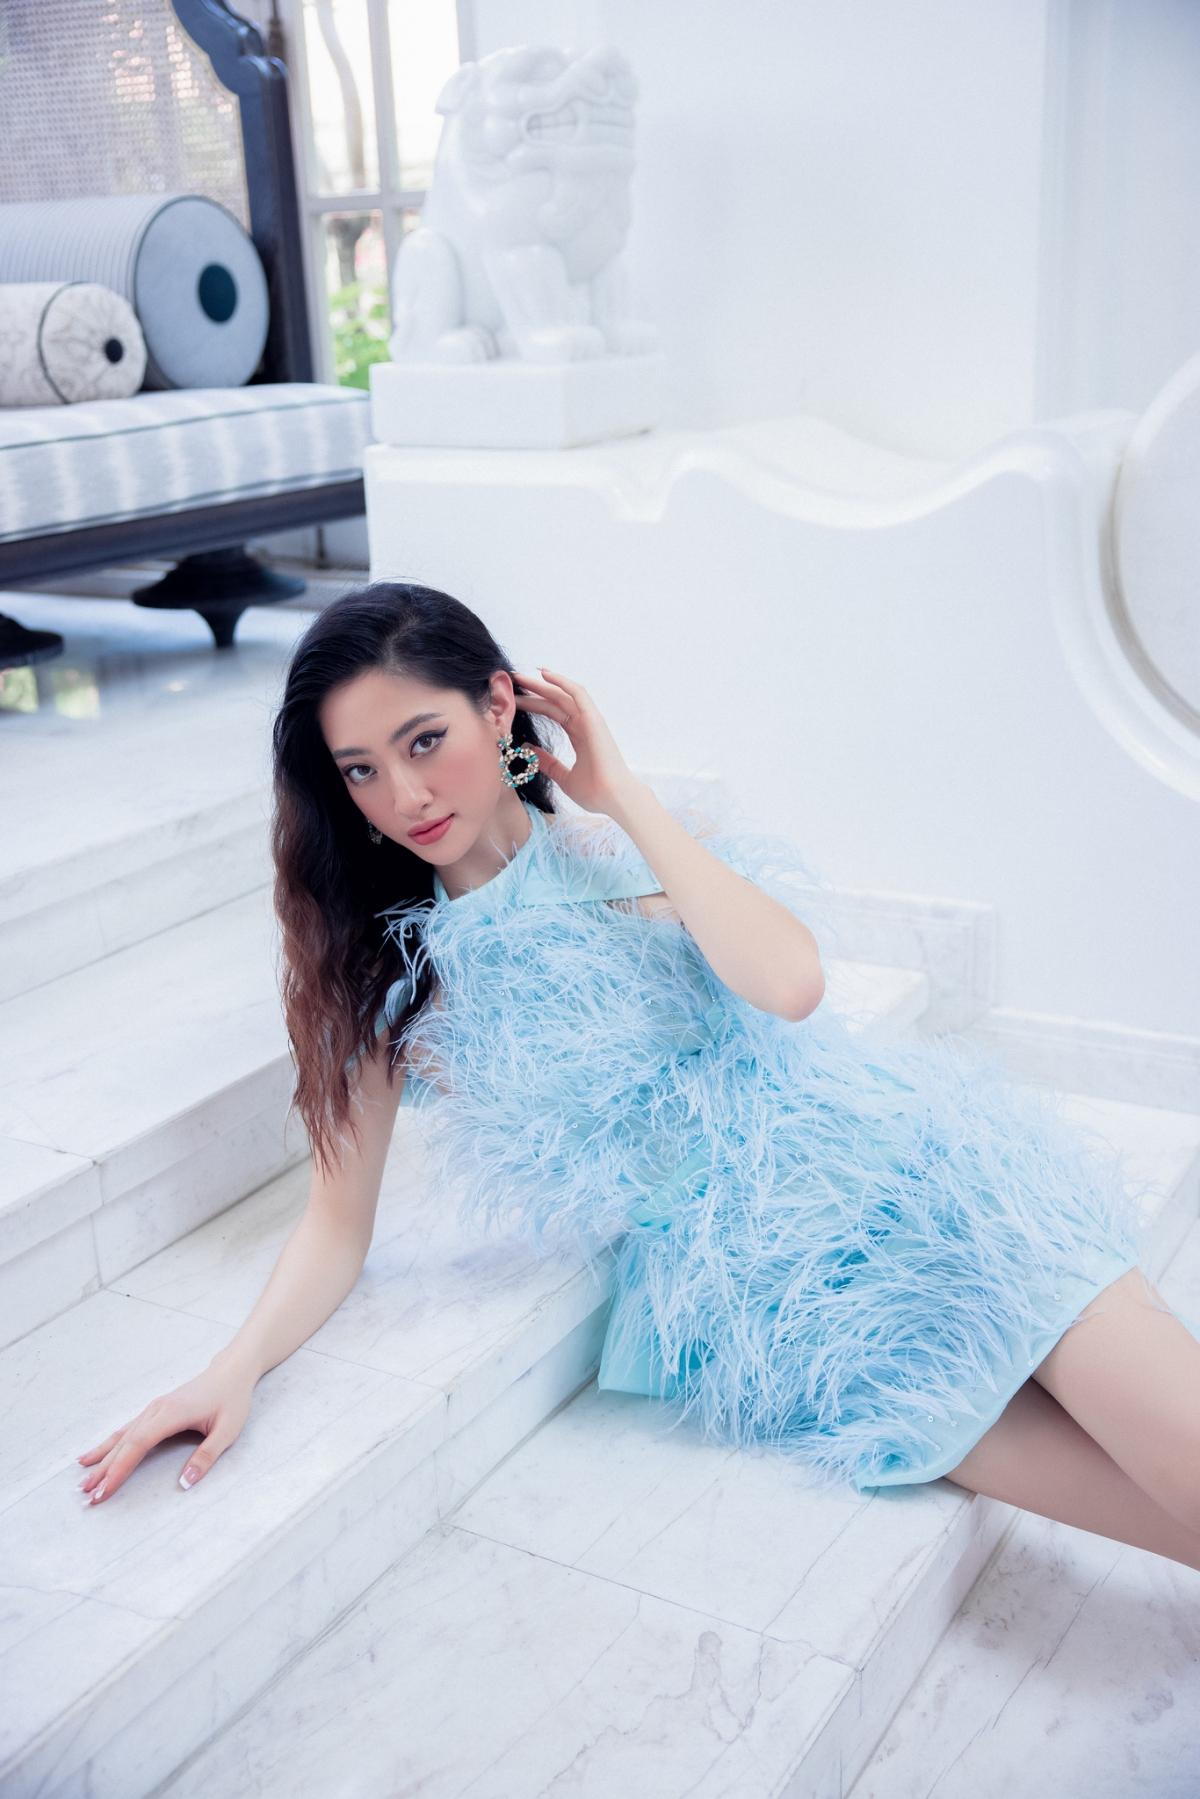 Cụ thể, trong BST Color up your world lần này, Hoa hậu Lương Thùy Linh nổi bật giữa các gam màu nóng lấy cảm hứng từ họa tiết Pop Art mang vẻ đẹp của hoa cỏ.